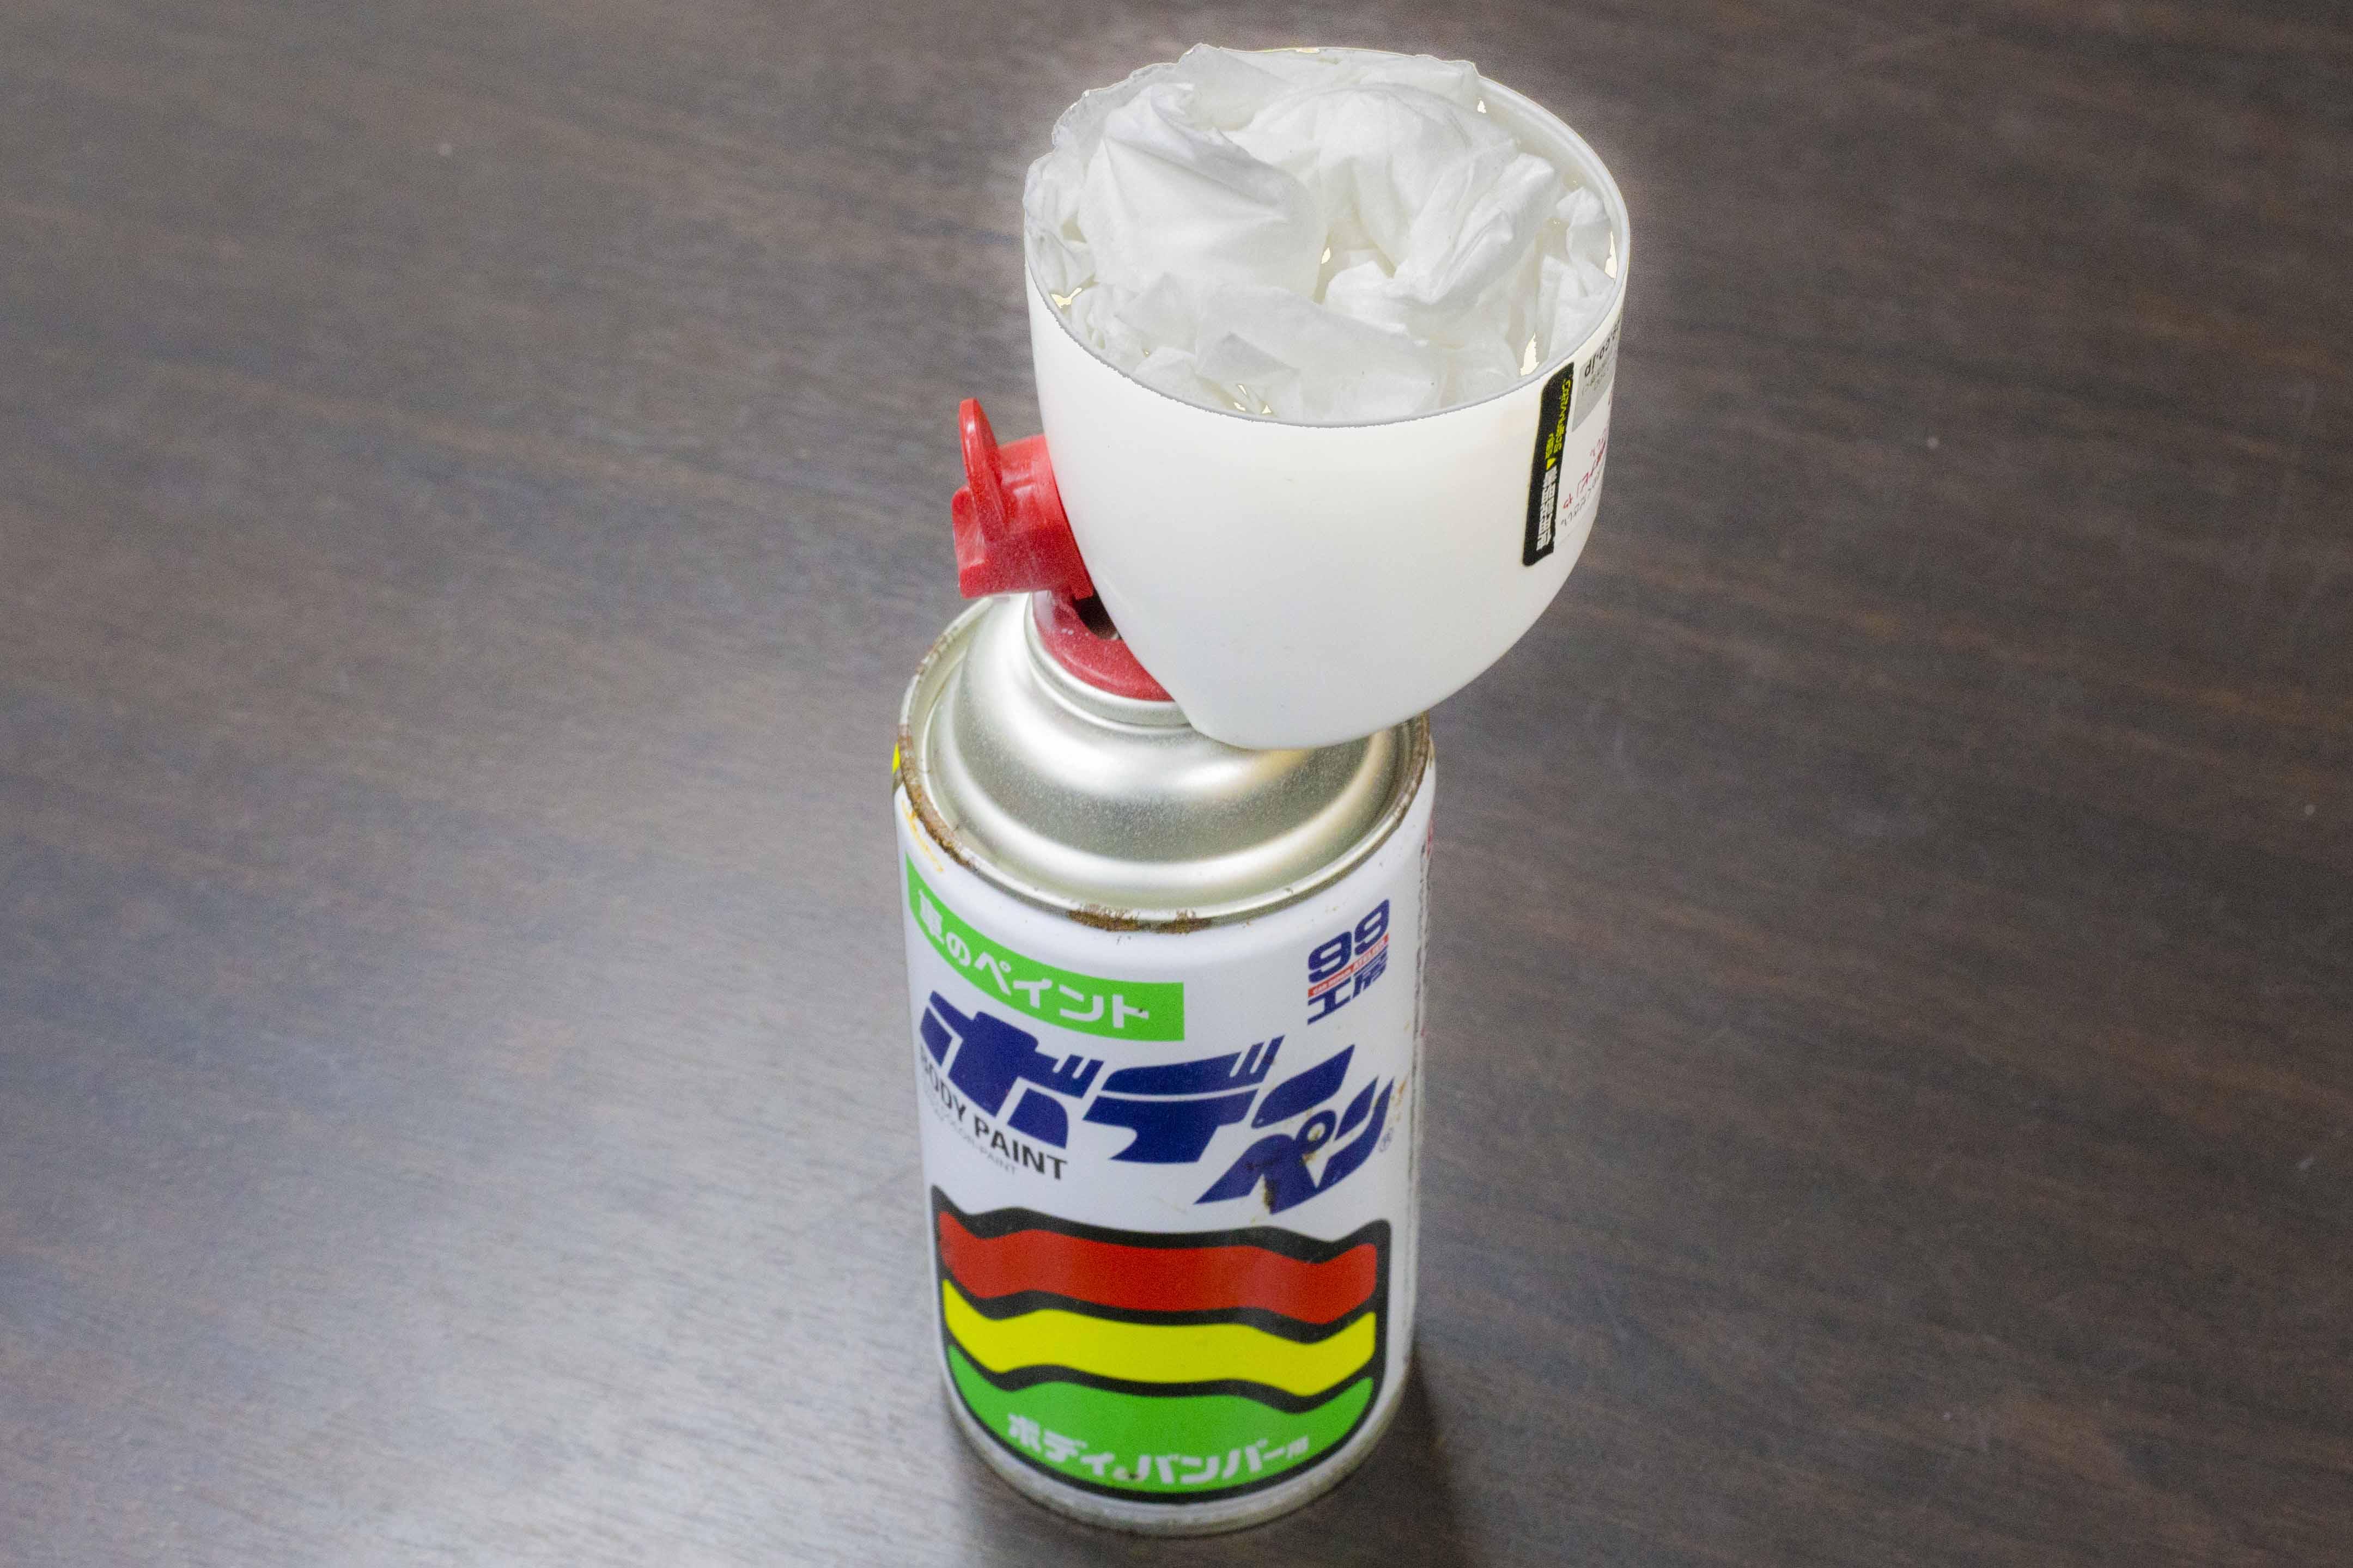 中身だしキャップ:少量の塗料の中身を排出する様子